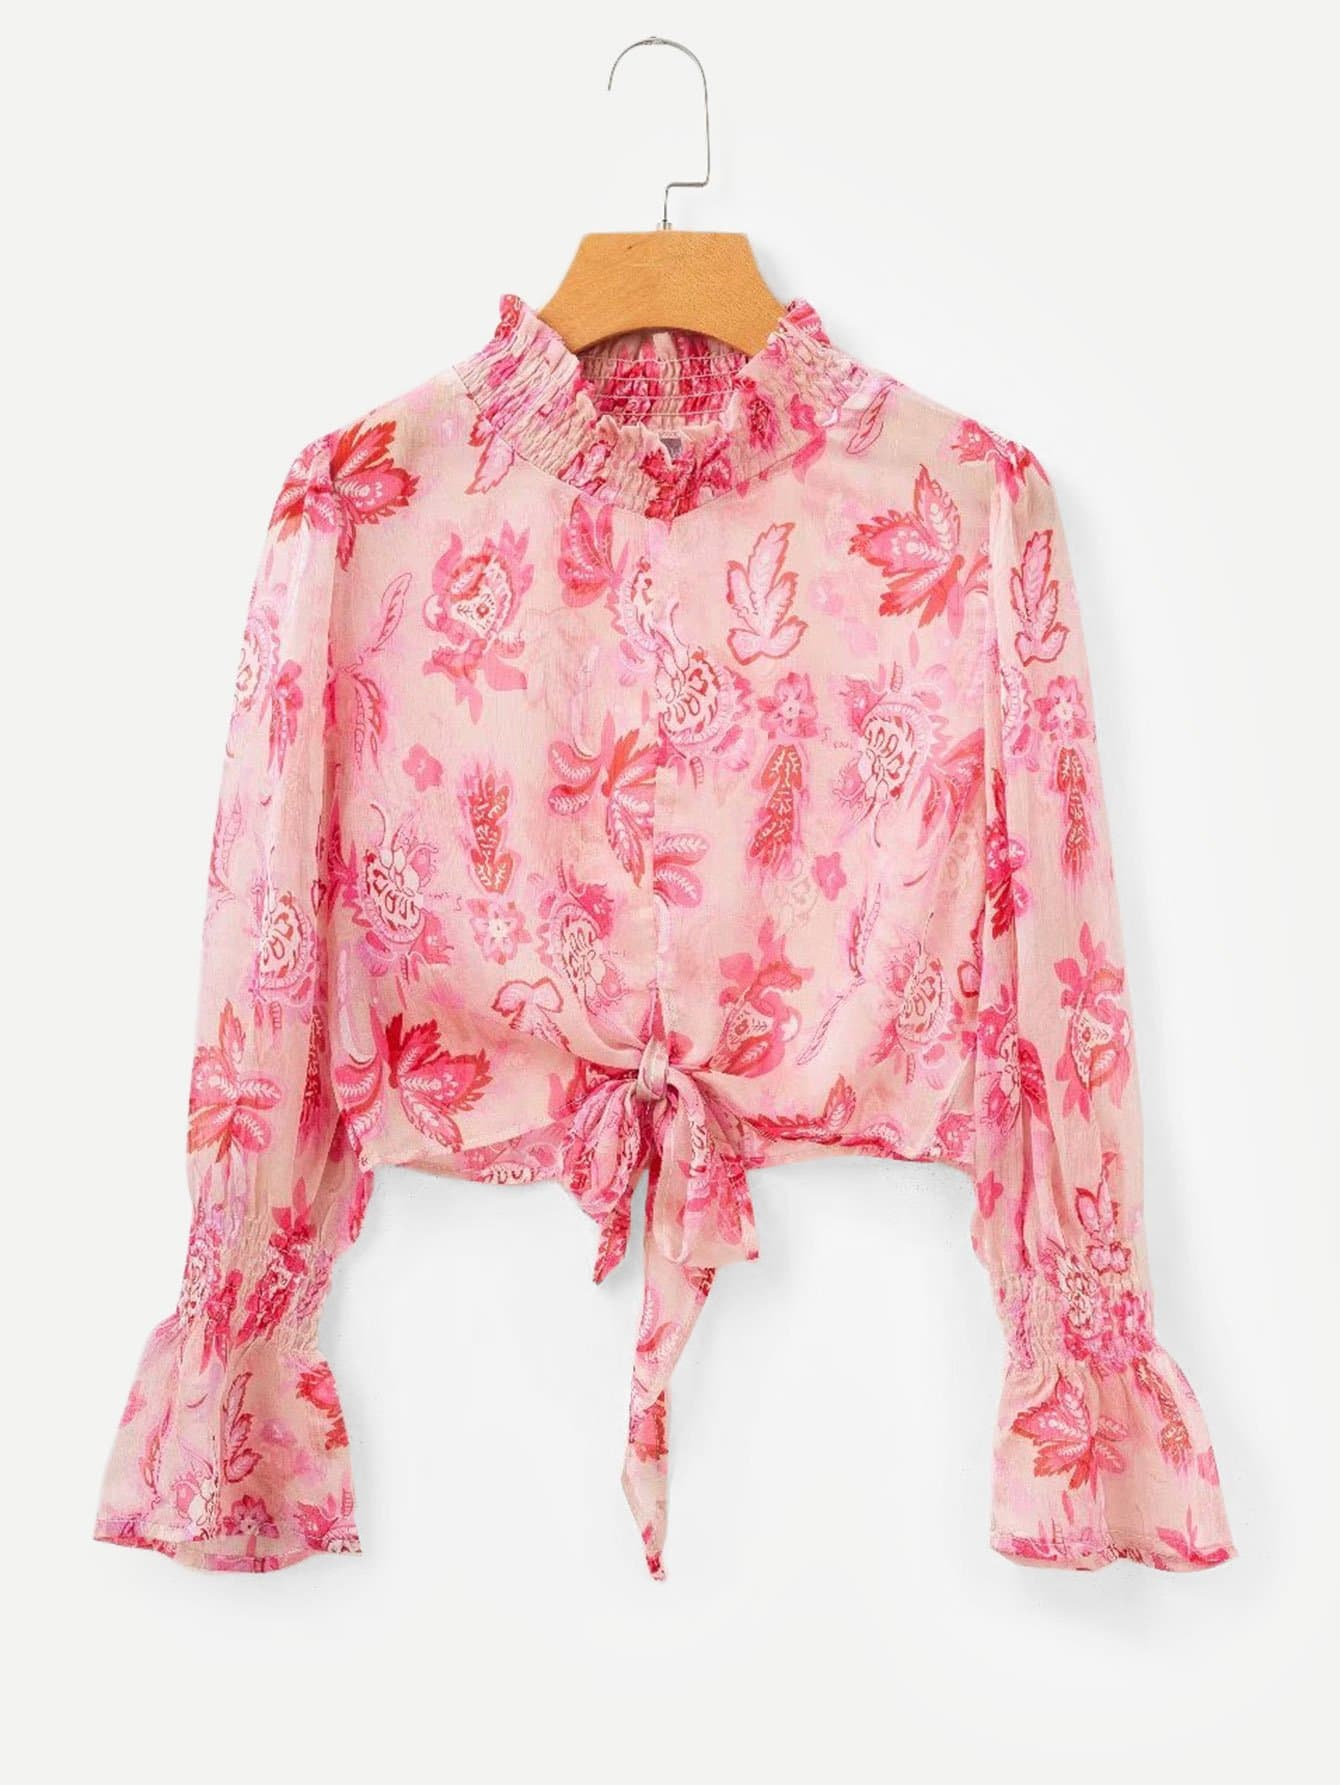 Купить Общая ситцевая блуза с бантом, null, SheIn